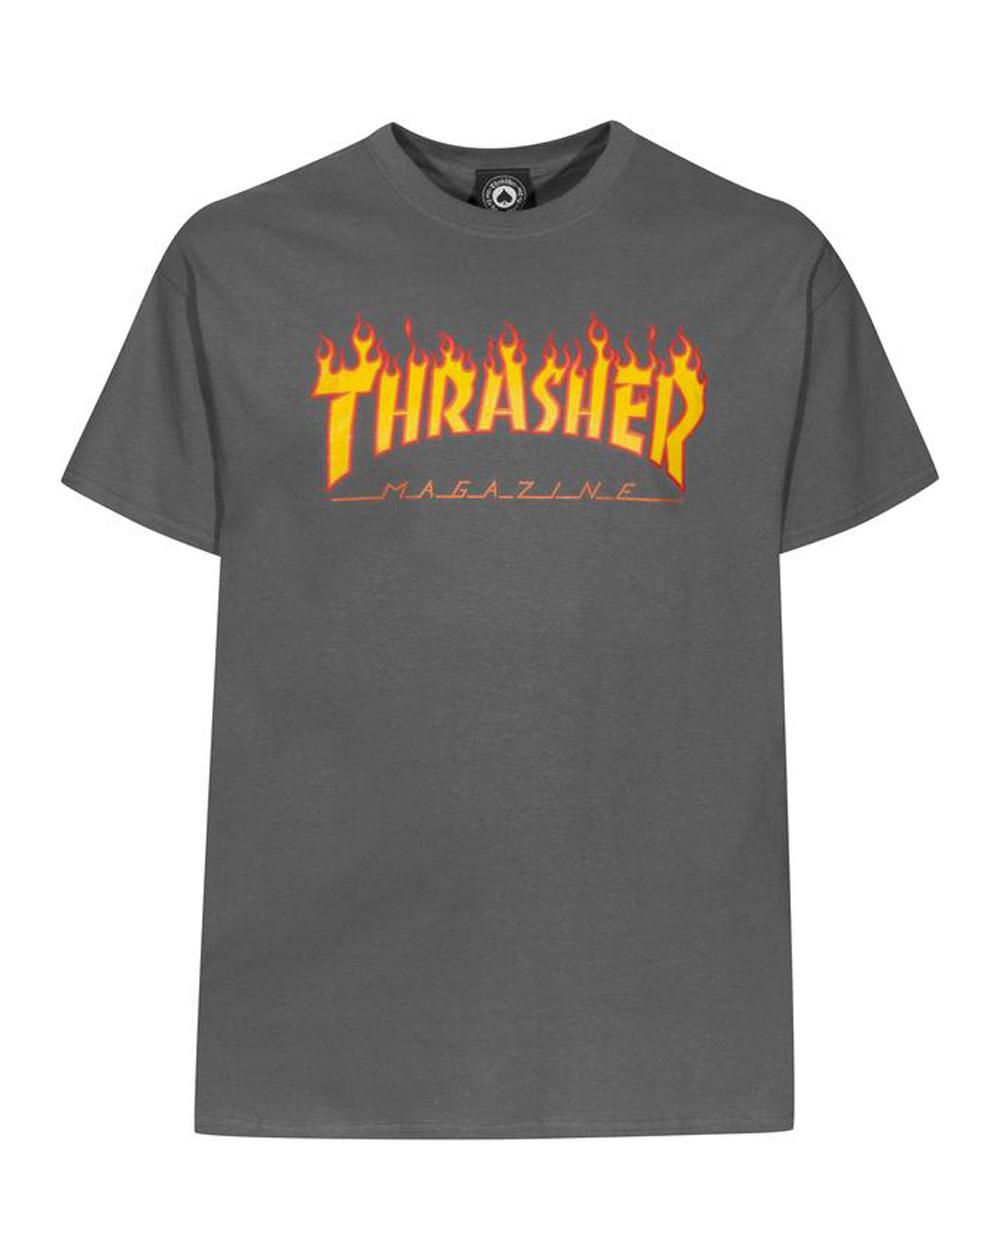 Thrasher Flame Camiseta para Homem Charcoal